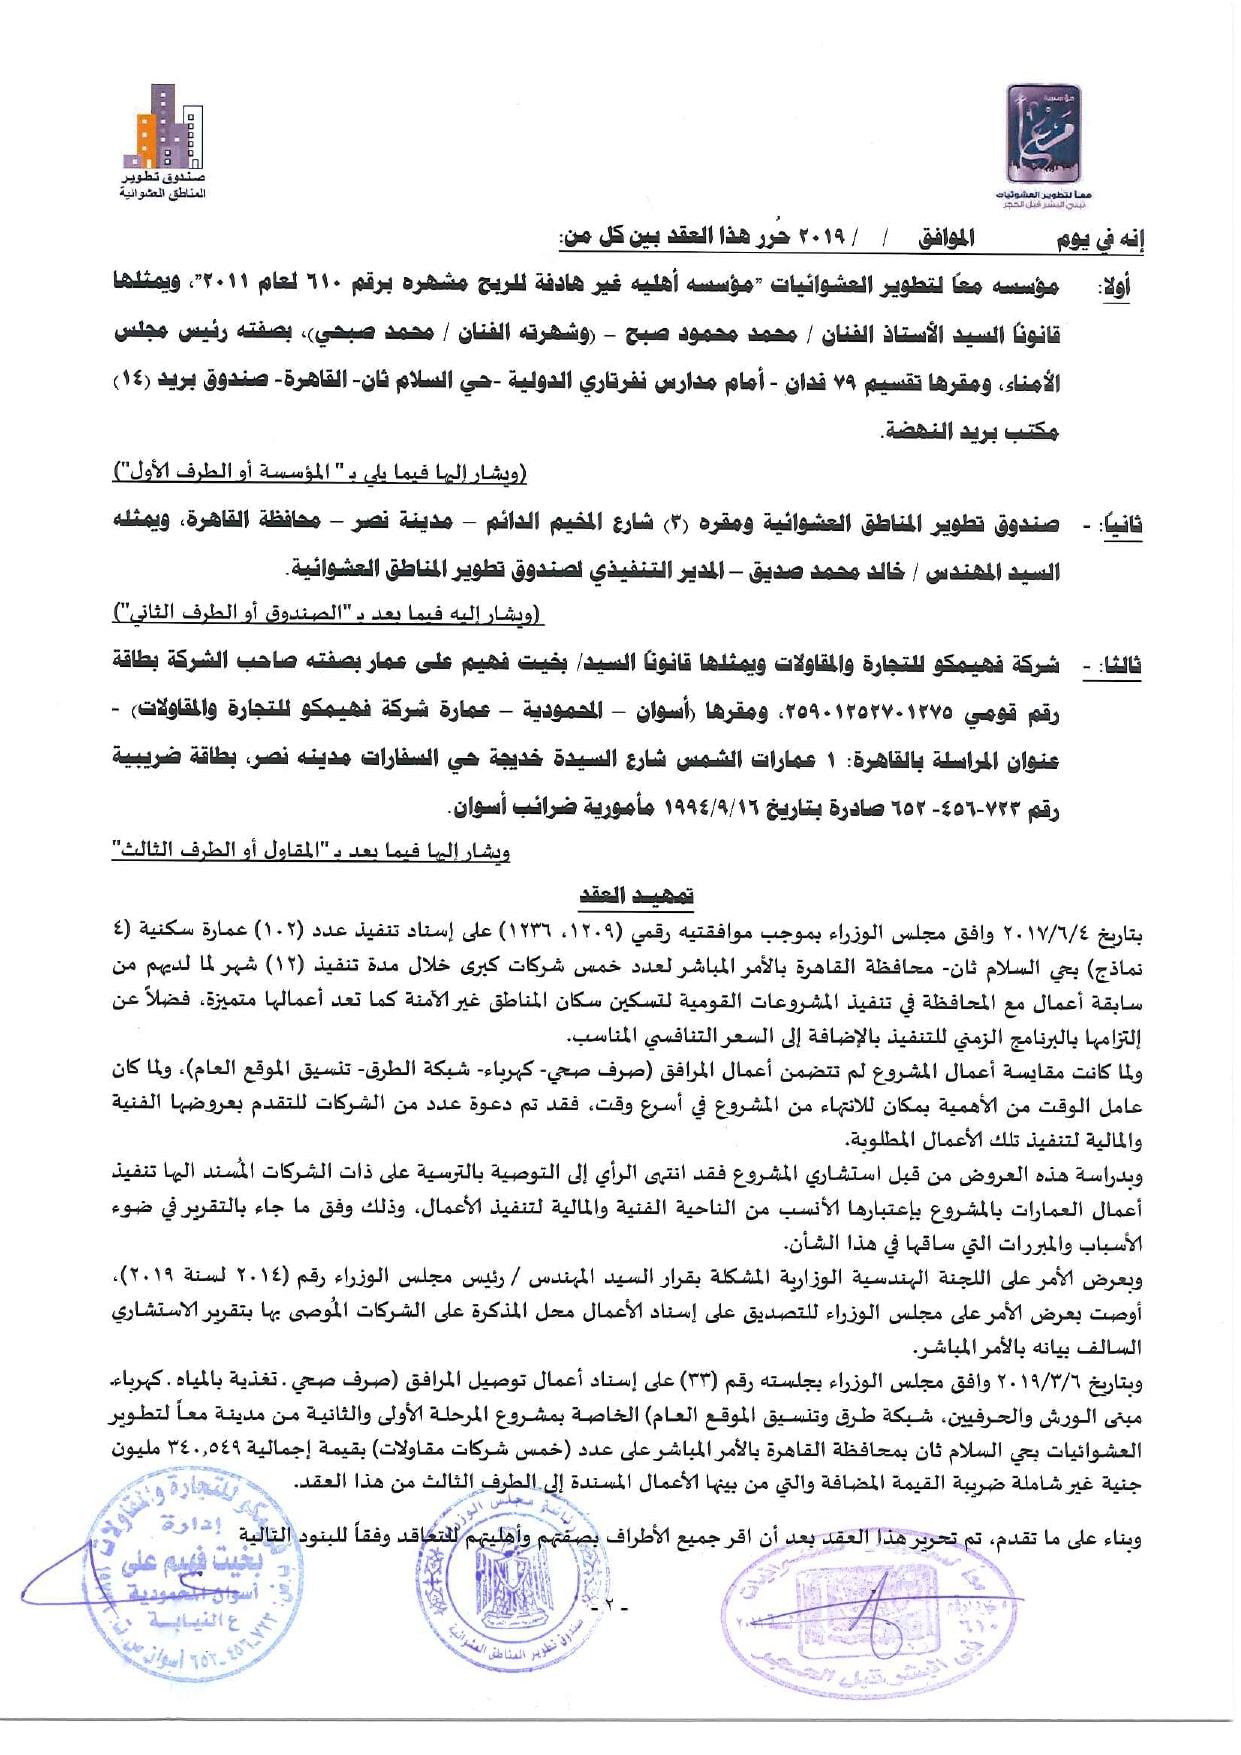 عقد اعمال شبكات الكهرباء مشروع معا_page-0002